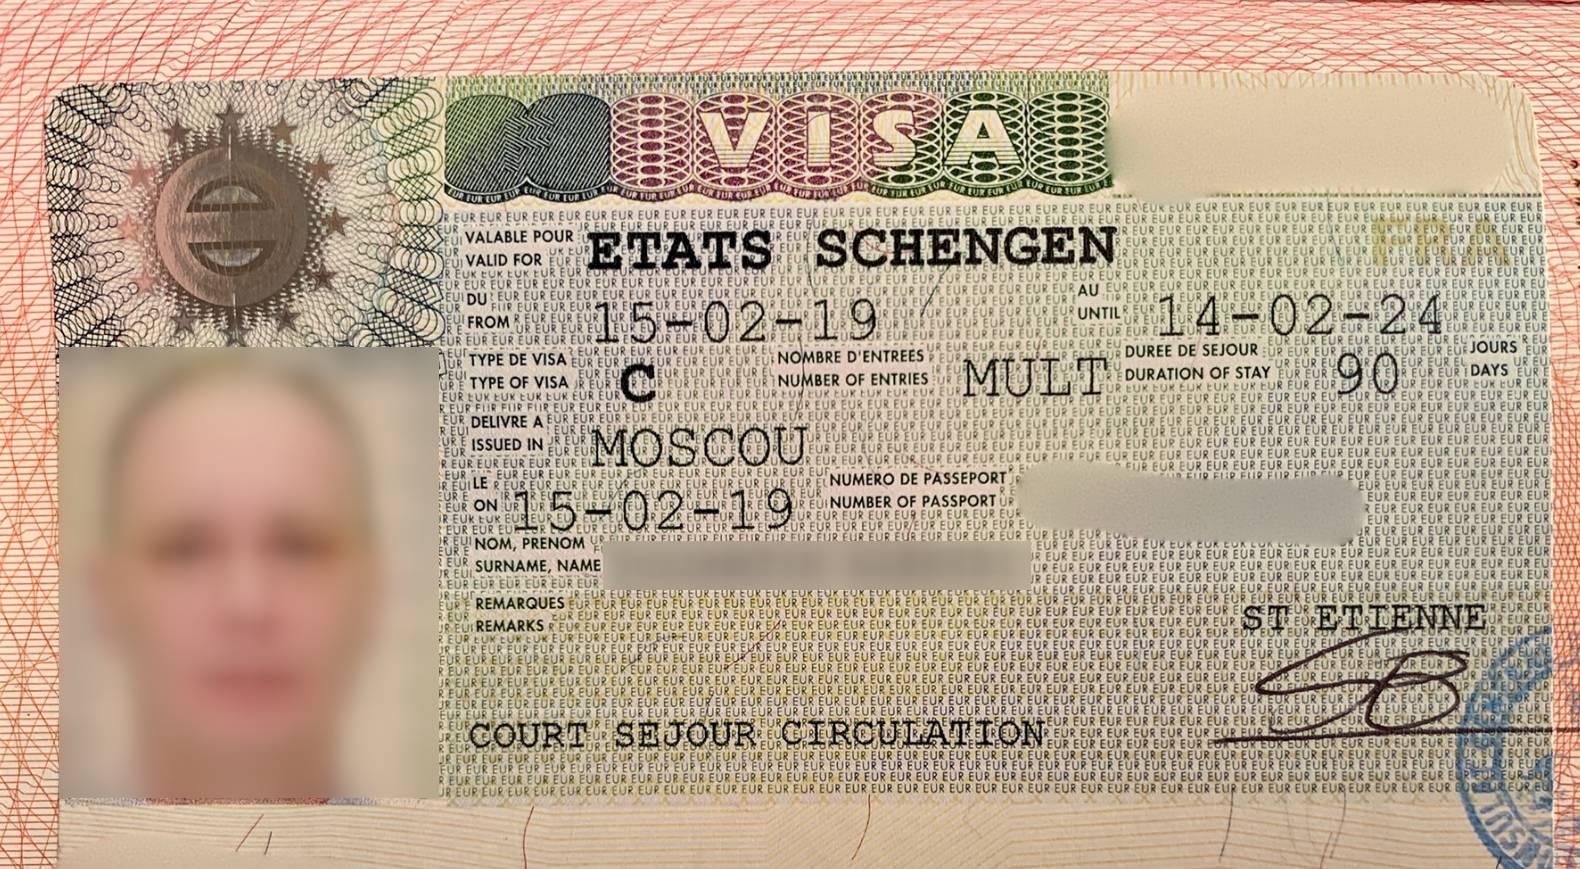 Виза на кипр для россиян нужна — рассказываем как оформить провизу самостоятельно